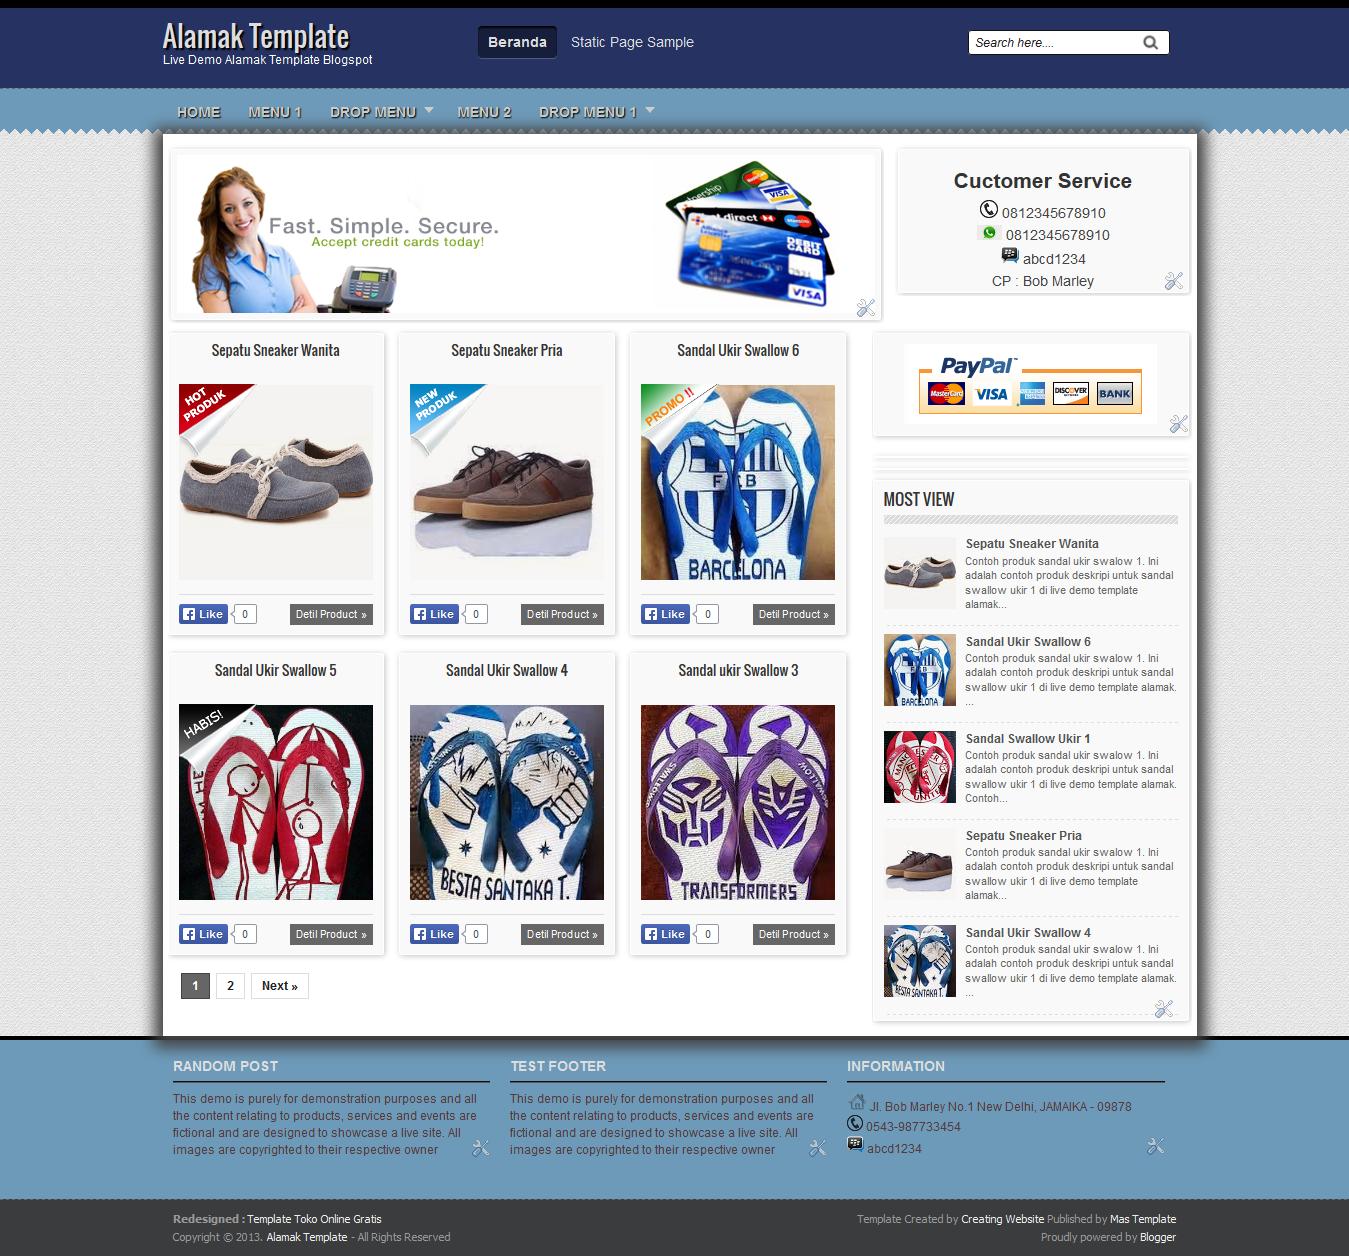 toko online blogspot dengan template alamak